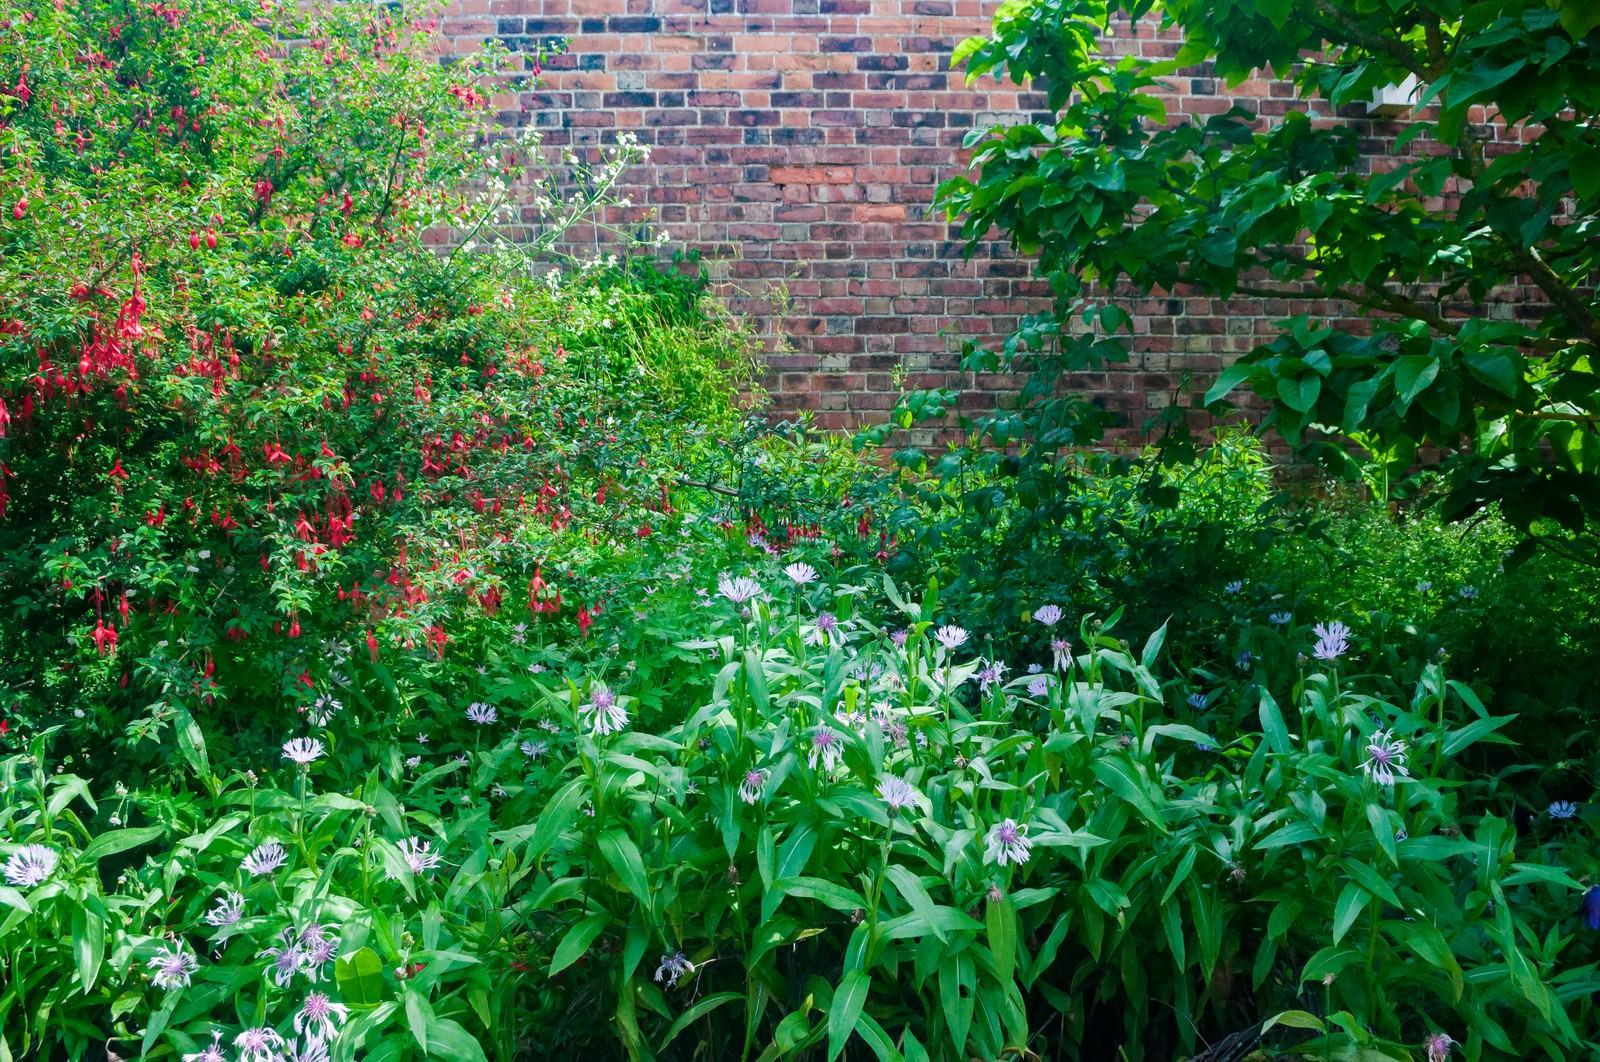 「初夏の庭」の写真